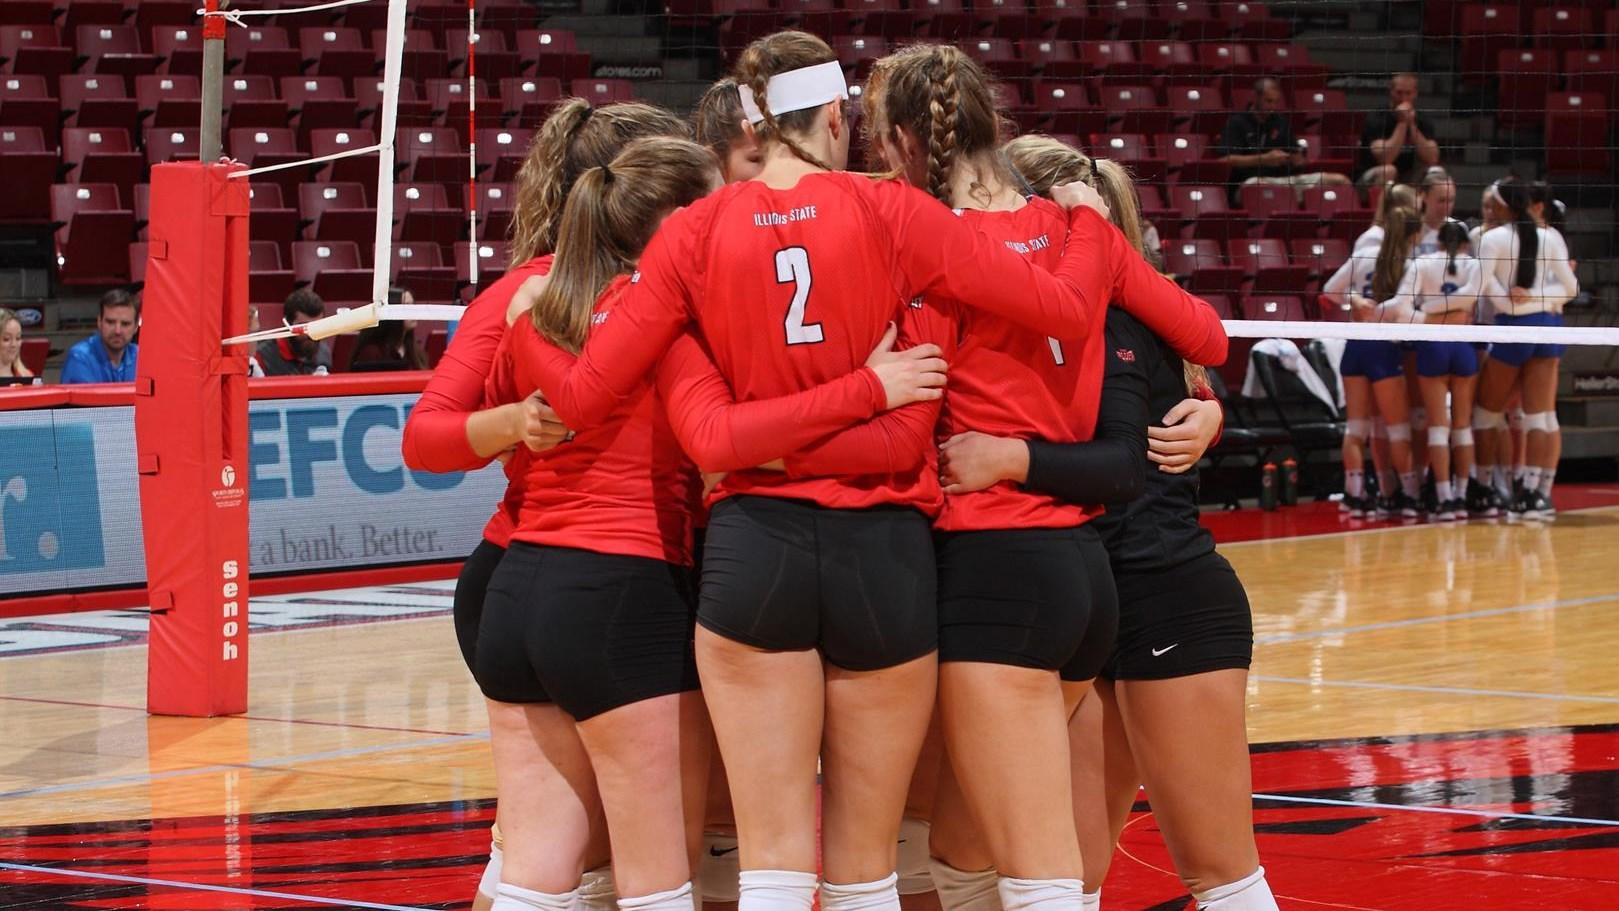 women's volleyball players huddled up ISU